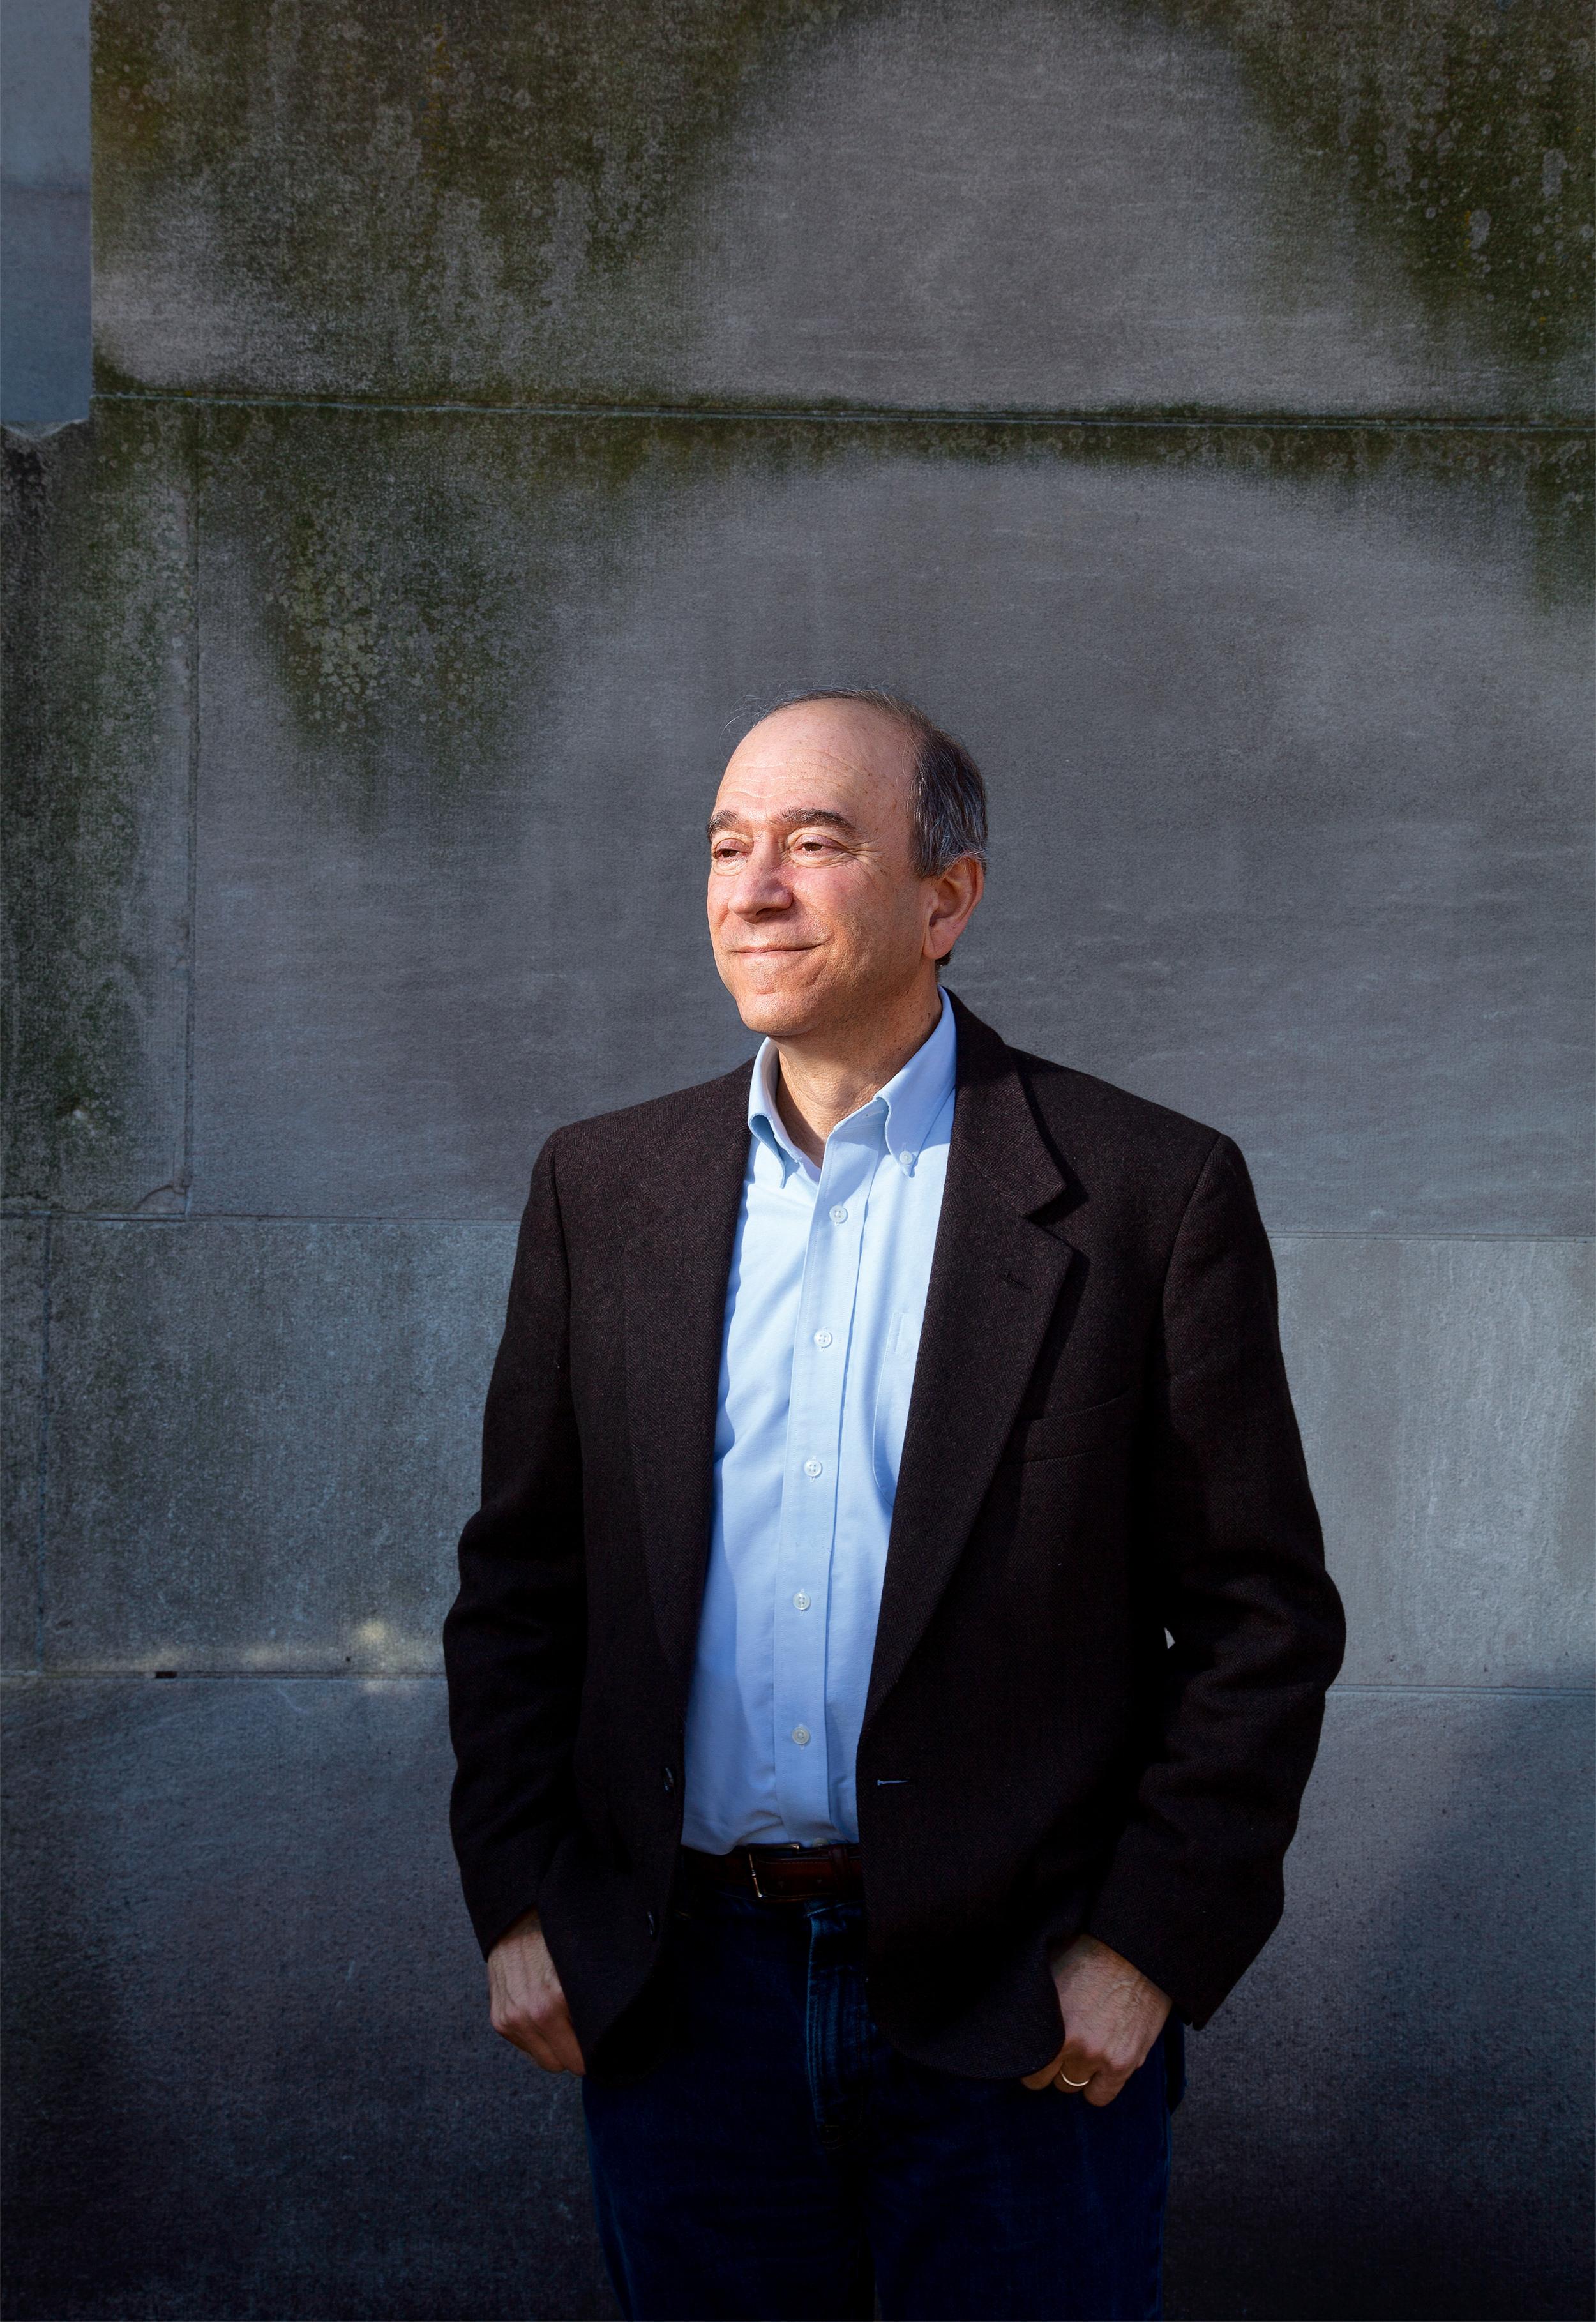 """<p class=""""text-align-right"""">ANWALT<br /> Harvard-Professor Richard Lazarusist einer der wichtigsten juristischen Experten zum Umweltrecht. Er setzt darauf, dass sich die meisten umweltfeindlichen Maßnahmen der Trump-Regierung unter einem neuen Präsidenten wieder rückgängig machen lassen</p>"""